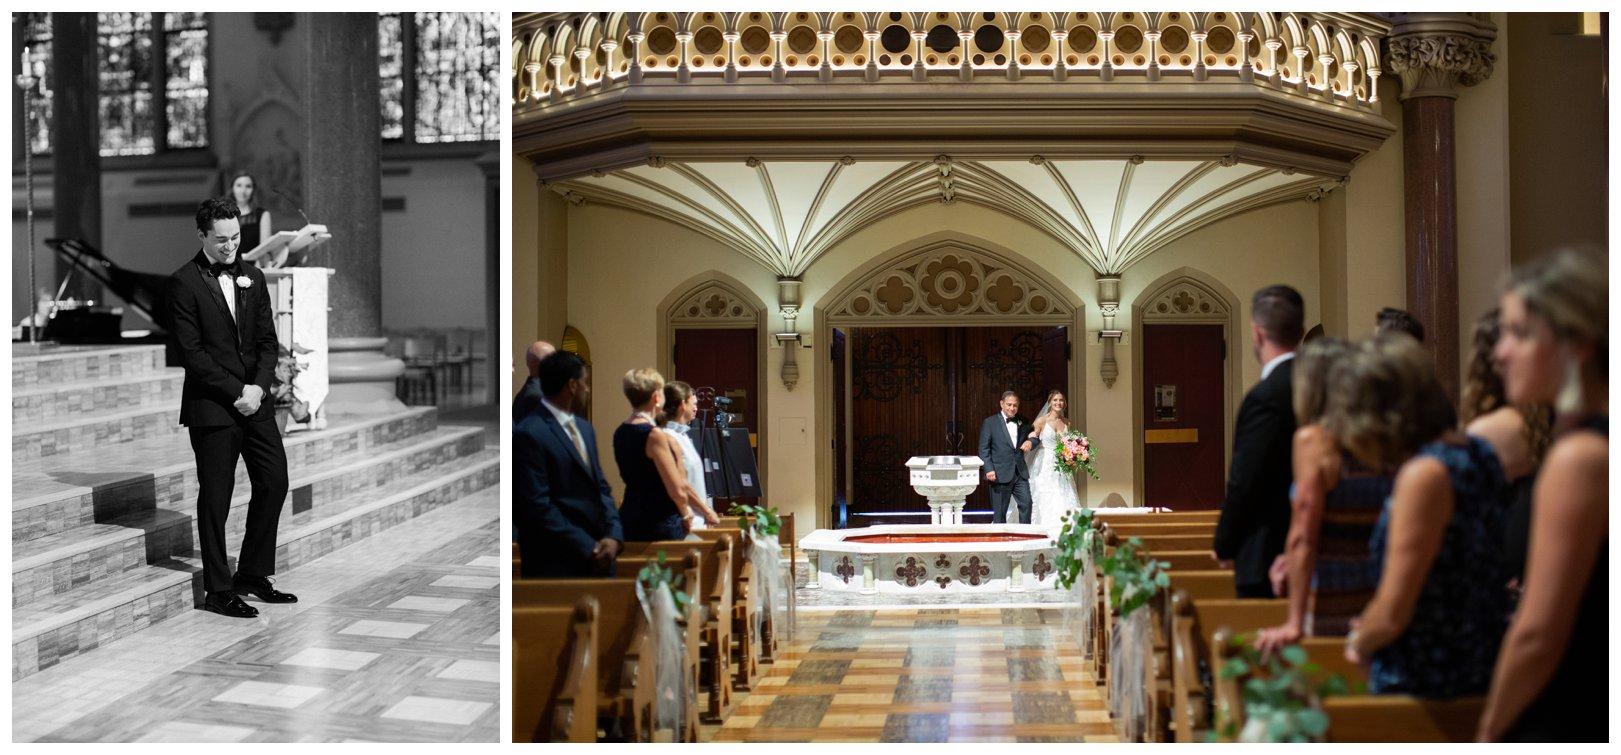 lauren muckler photography_fine art film wedding photography_st louis_photography_3191.jpg